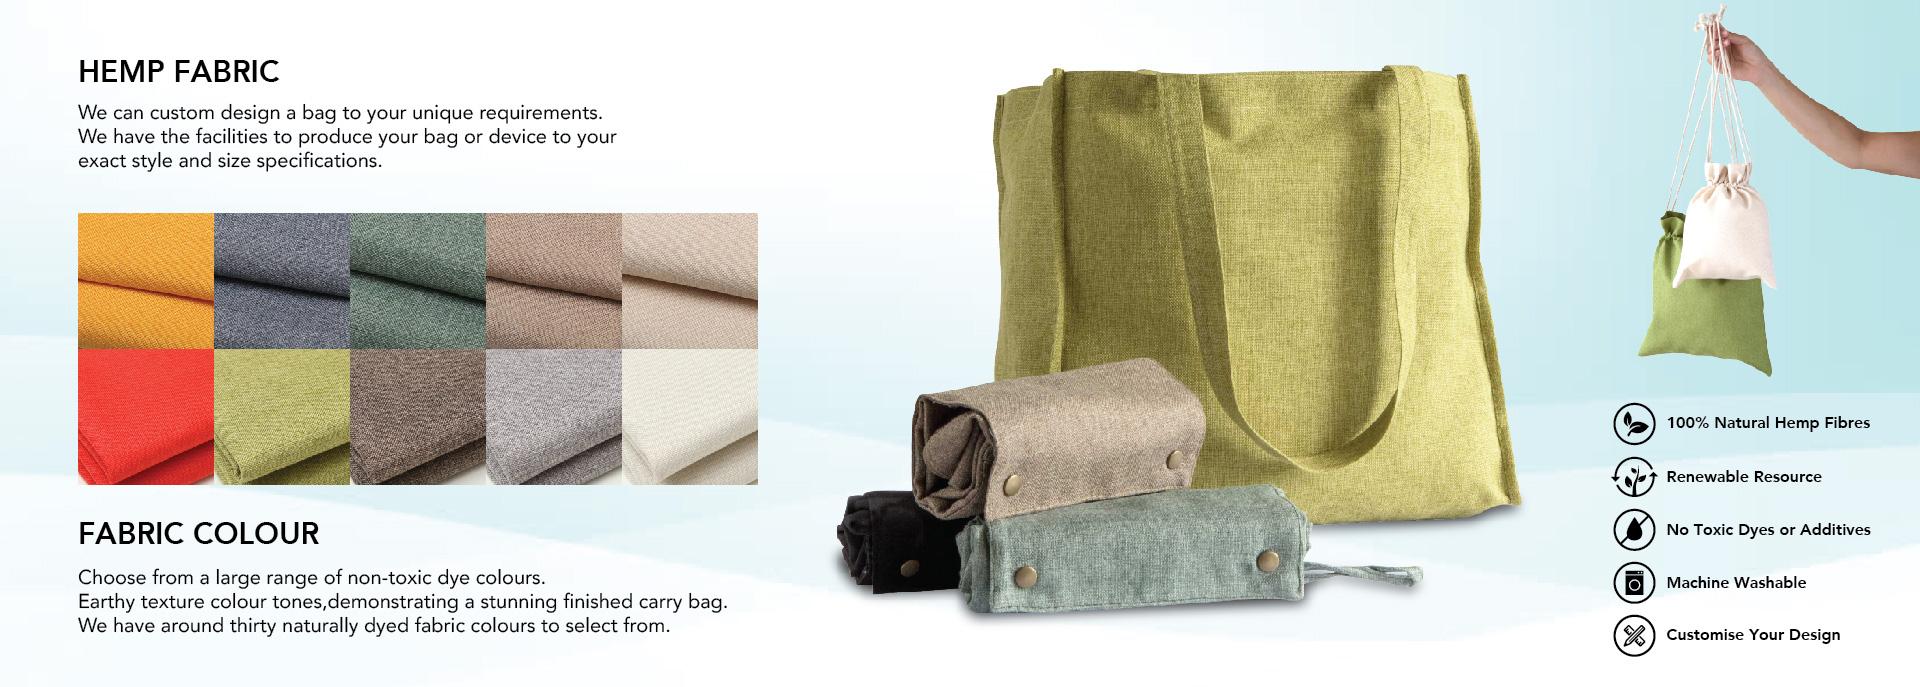 Hemp Material Bag